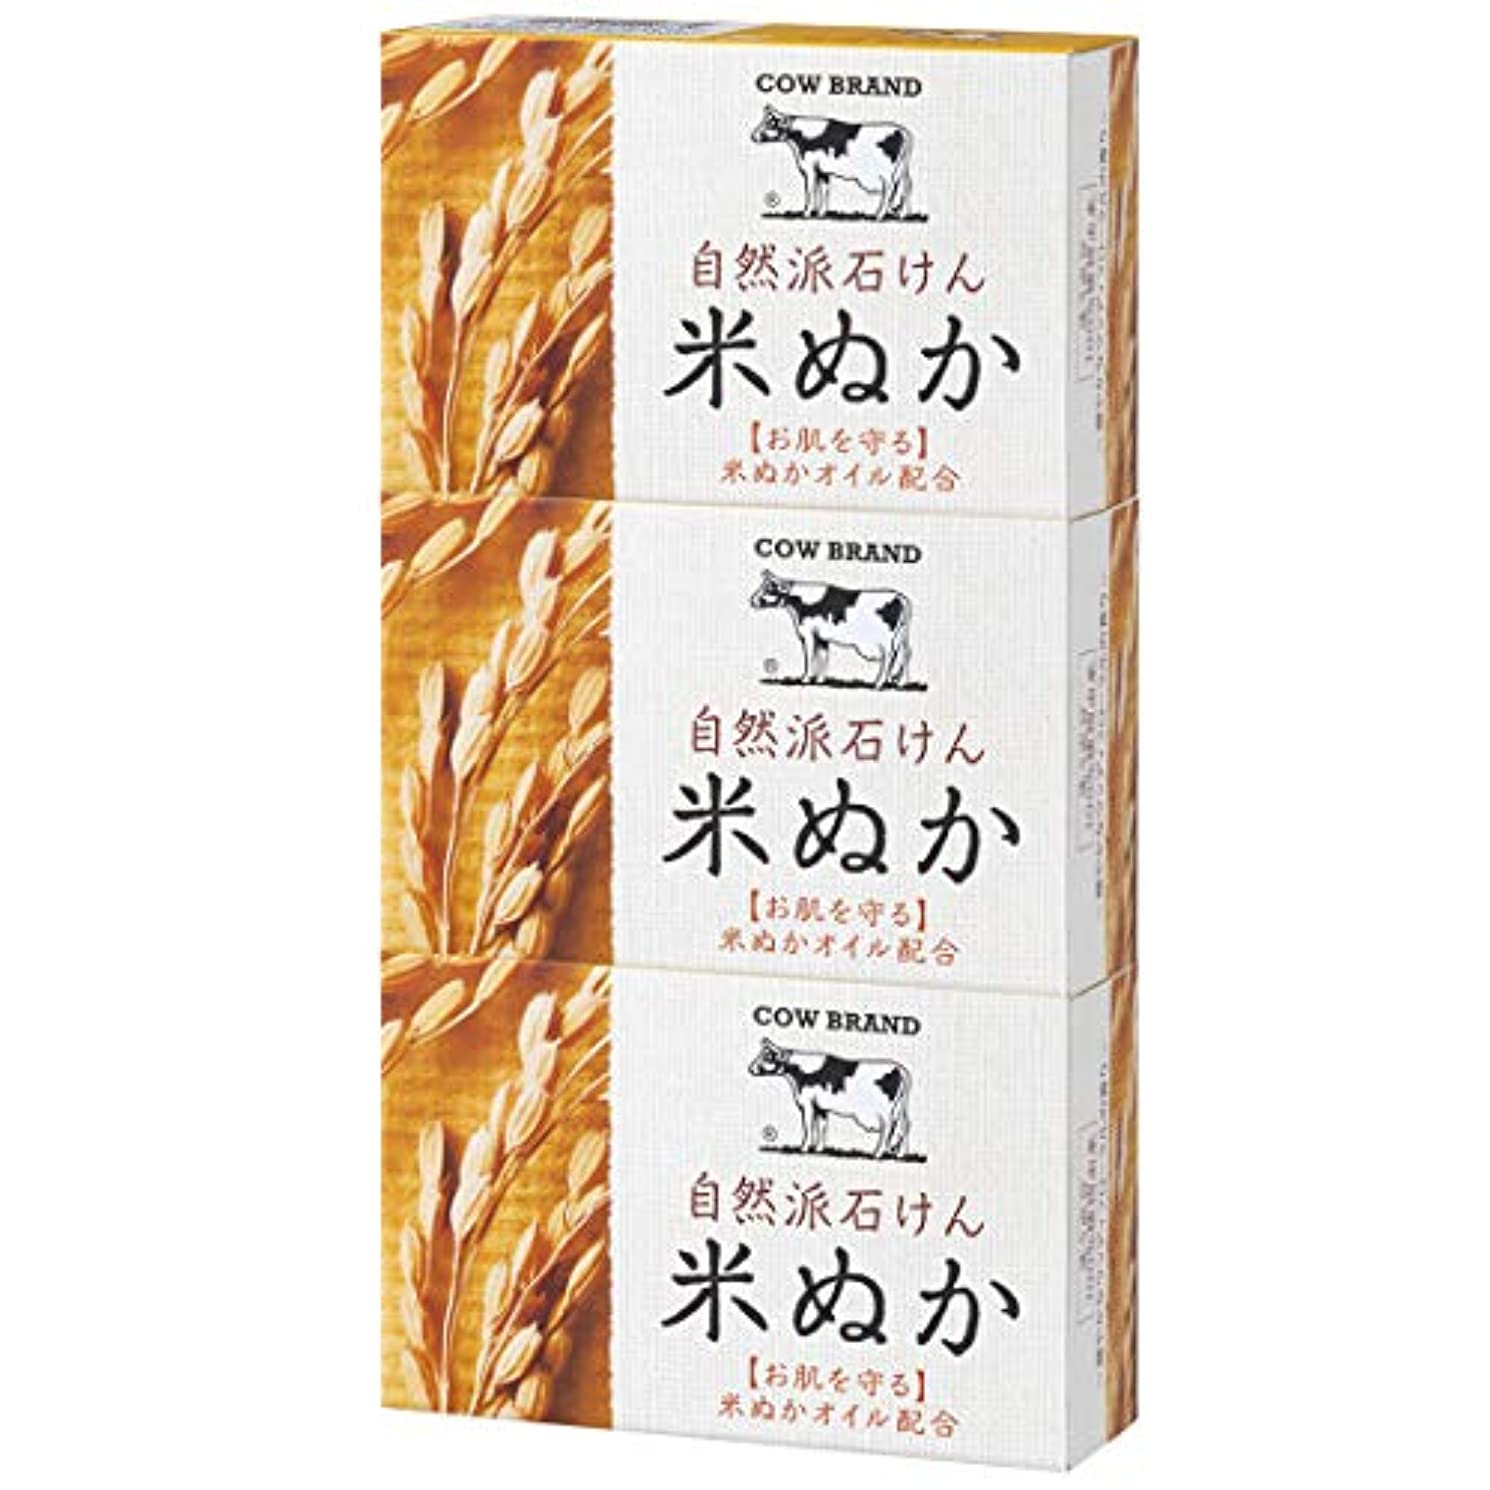 カウブランド 自然派石けん 米ぬか 100g*3個